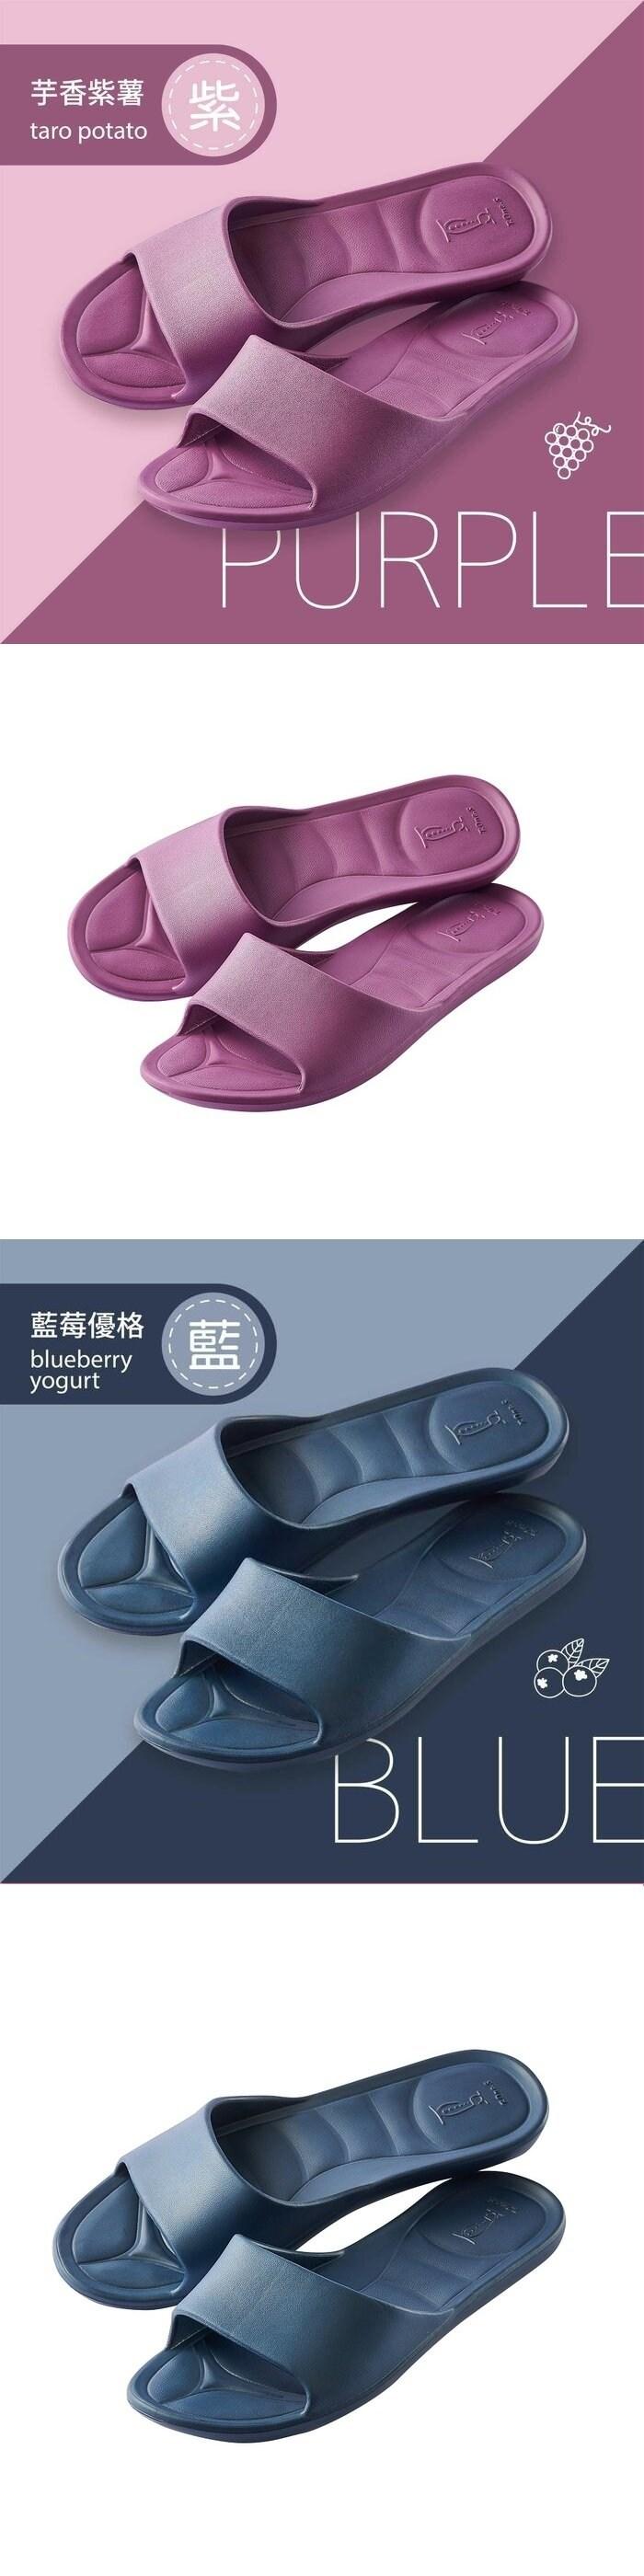 【海夫健康生活館】雷登 MONZU Q彈棉花感 專利設計 花紋防滑 室內拖鞋 8款顏色(任選3雙)